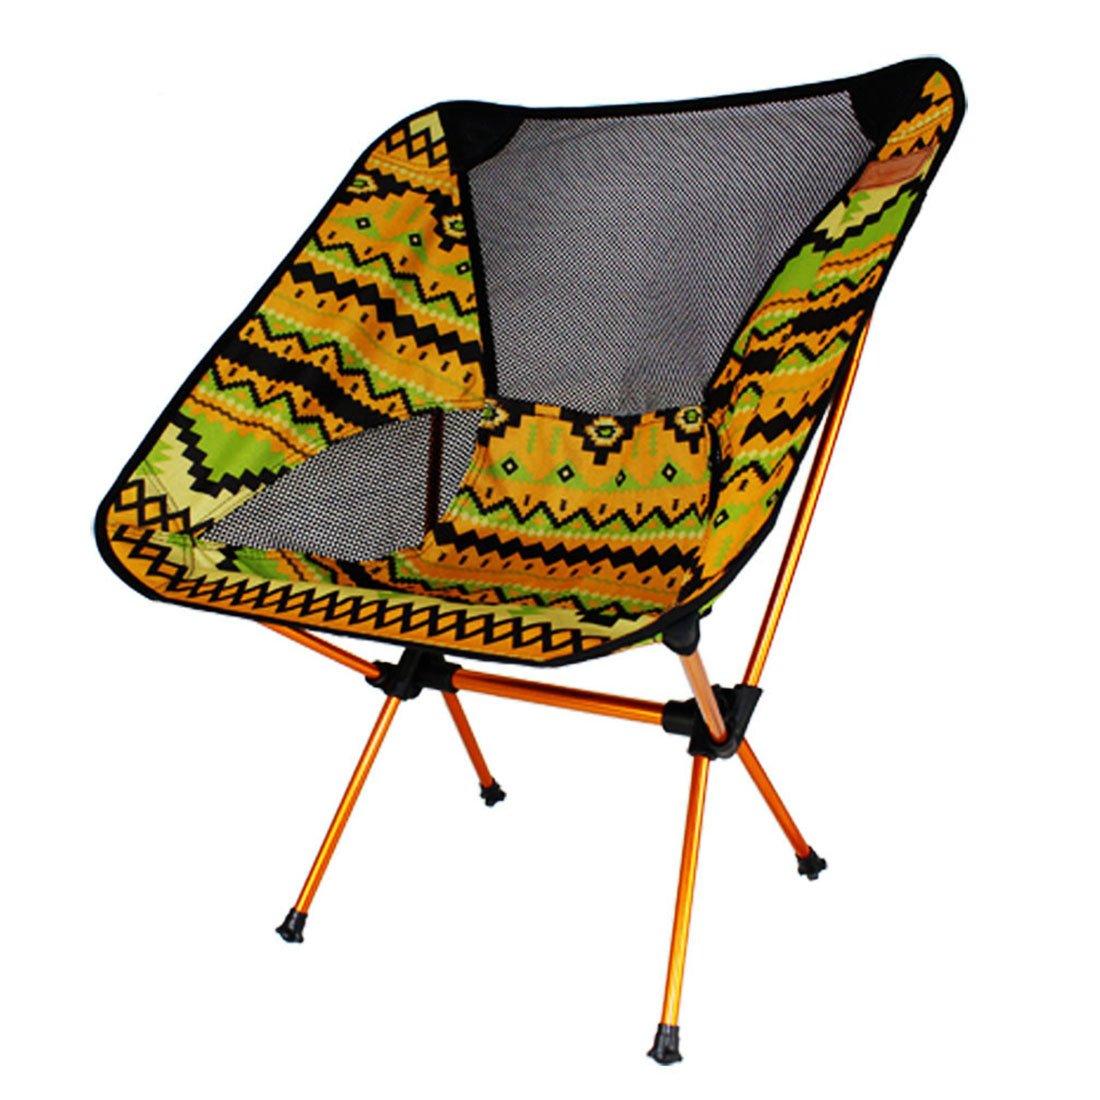 【後払い手数料無料】 ベンチ ベンチ B07DLYSPLQ 屋外キャンプ折りたたみ椅子ポータブル背もたれ超軽いレジャーチェア耐荷重125KG (A++) (色 : A) : A B07DLYSPLQ, デイリーワインのアクアヴィタエ:194b0781 --- cliente.opweb0005.servidorwebfacil.com